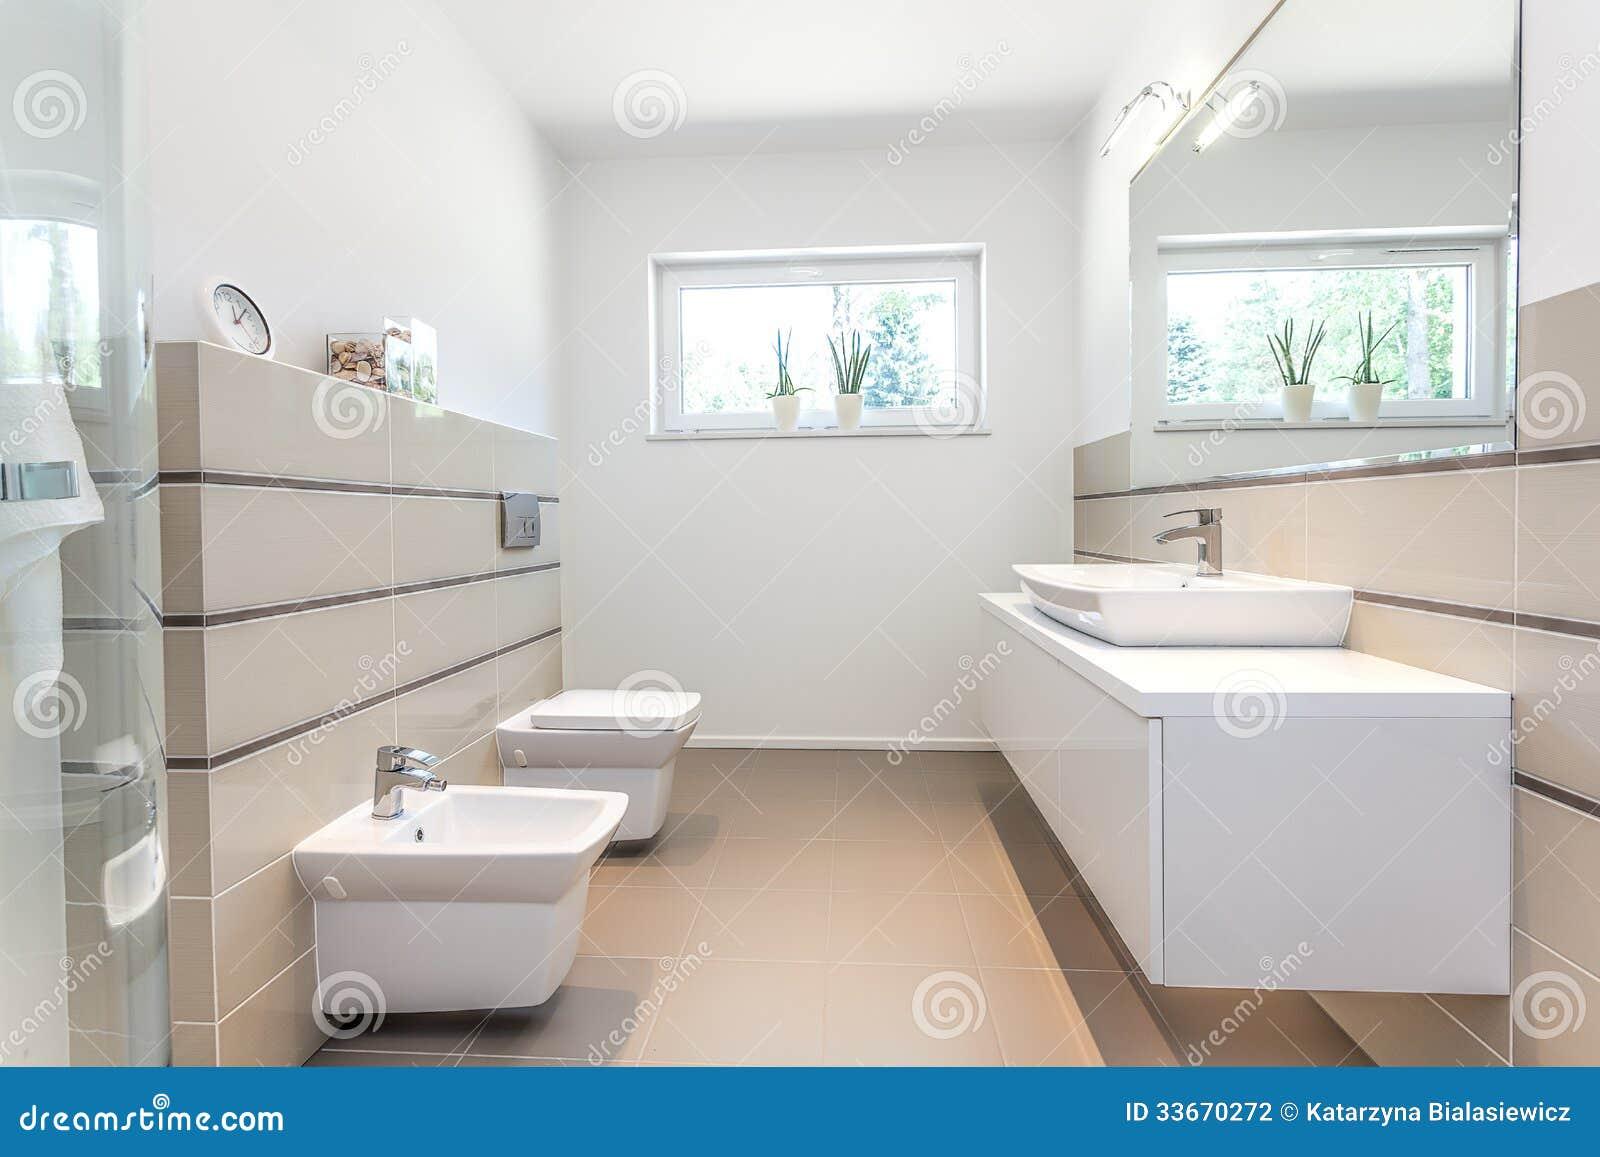 Heldere Ruimte  Witte Badkamers Stock Fotografie  Beeld 33670272 # Ruimte Wasbak_151632